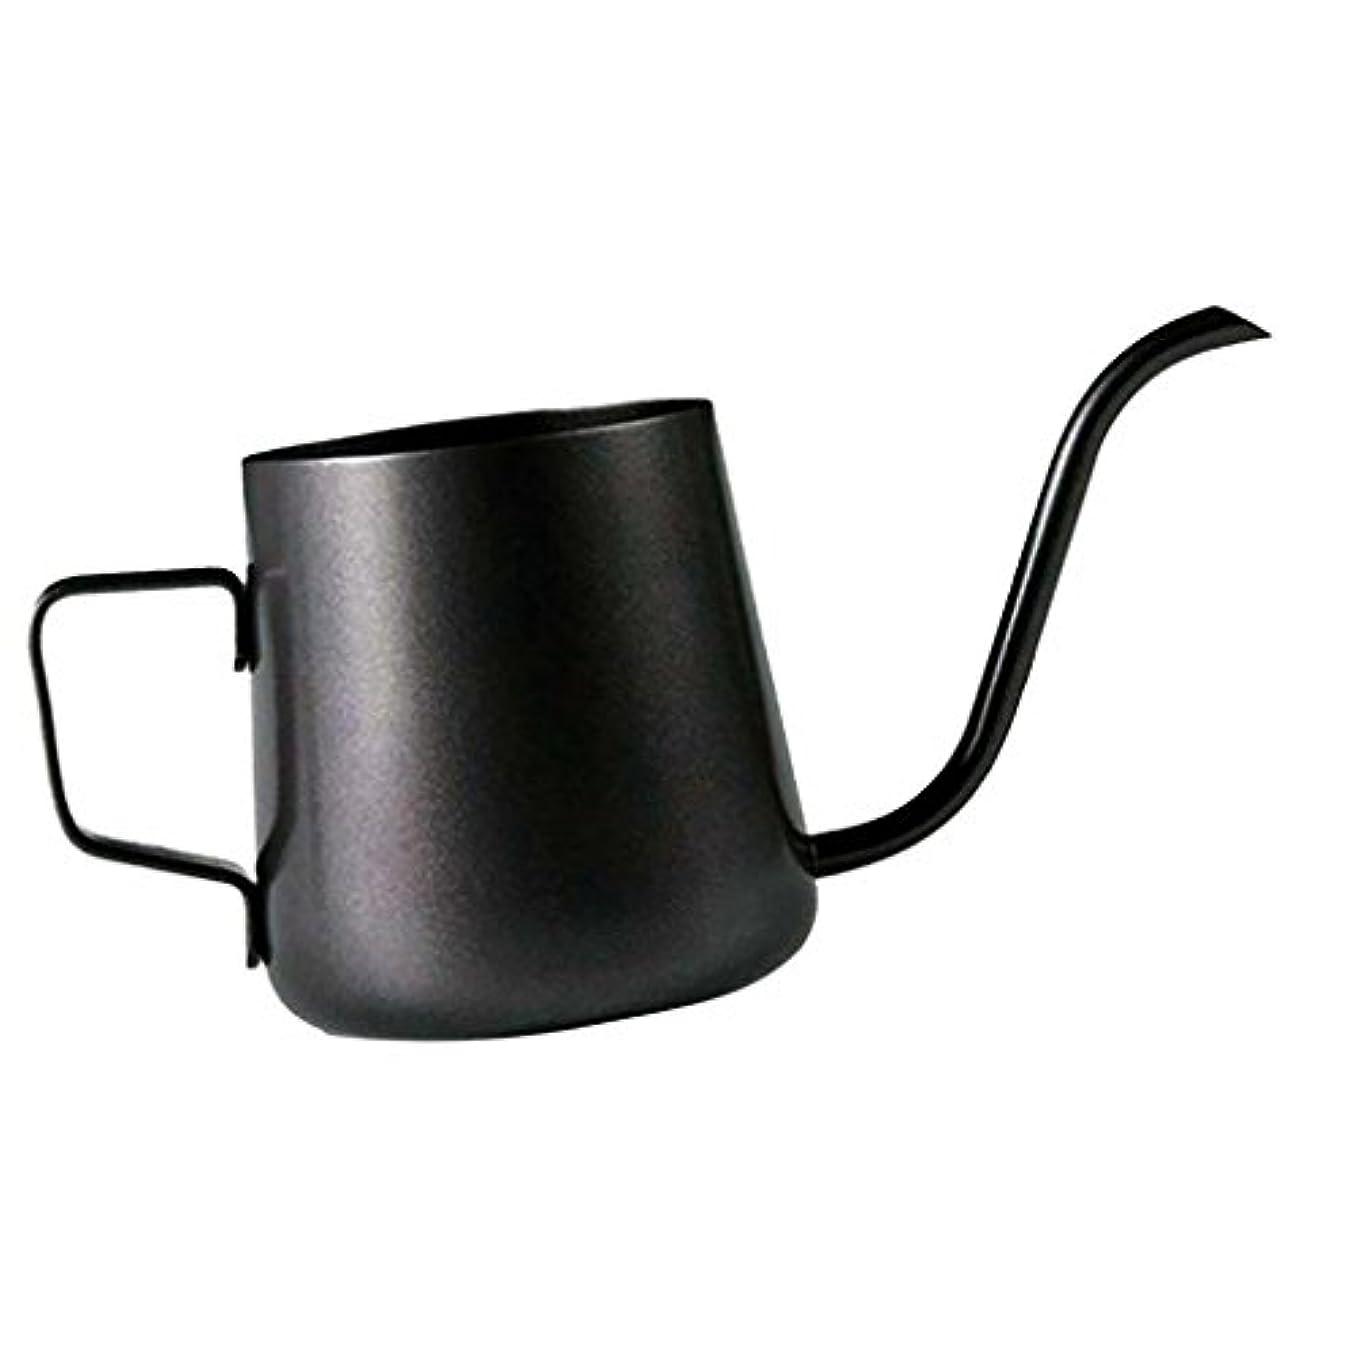 威する最初に悲しみHomeland コーヒーポット お茶などにも対応 クッキング用品 ステンレス製 エスプレッソポット ケトル - ブラック, 250ミリリットル